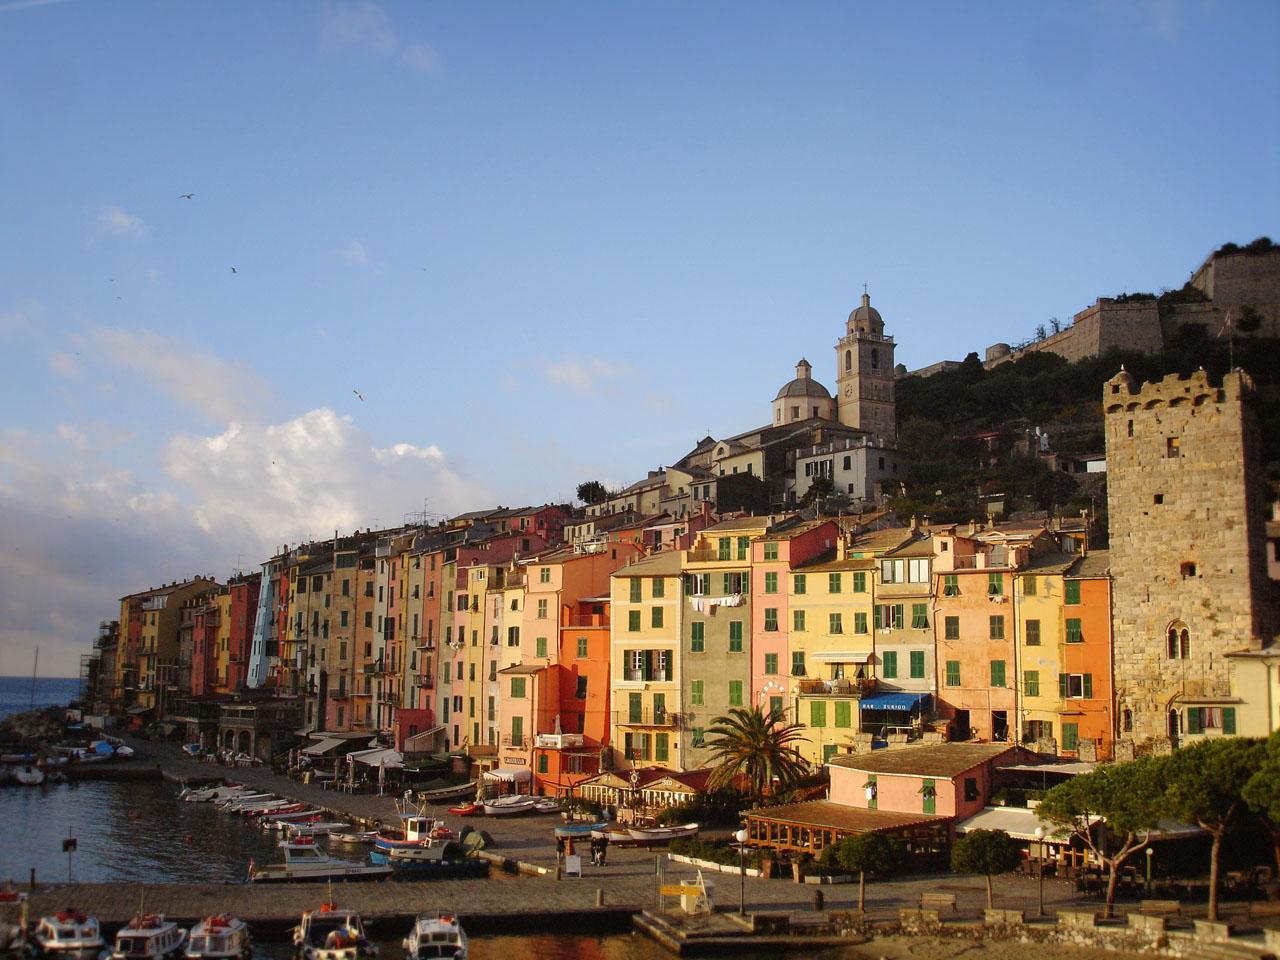 La libertà di fotografare il panorama in Italia